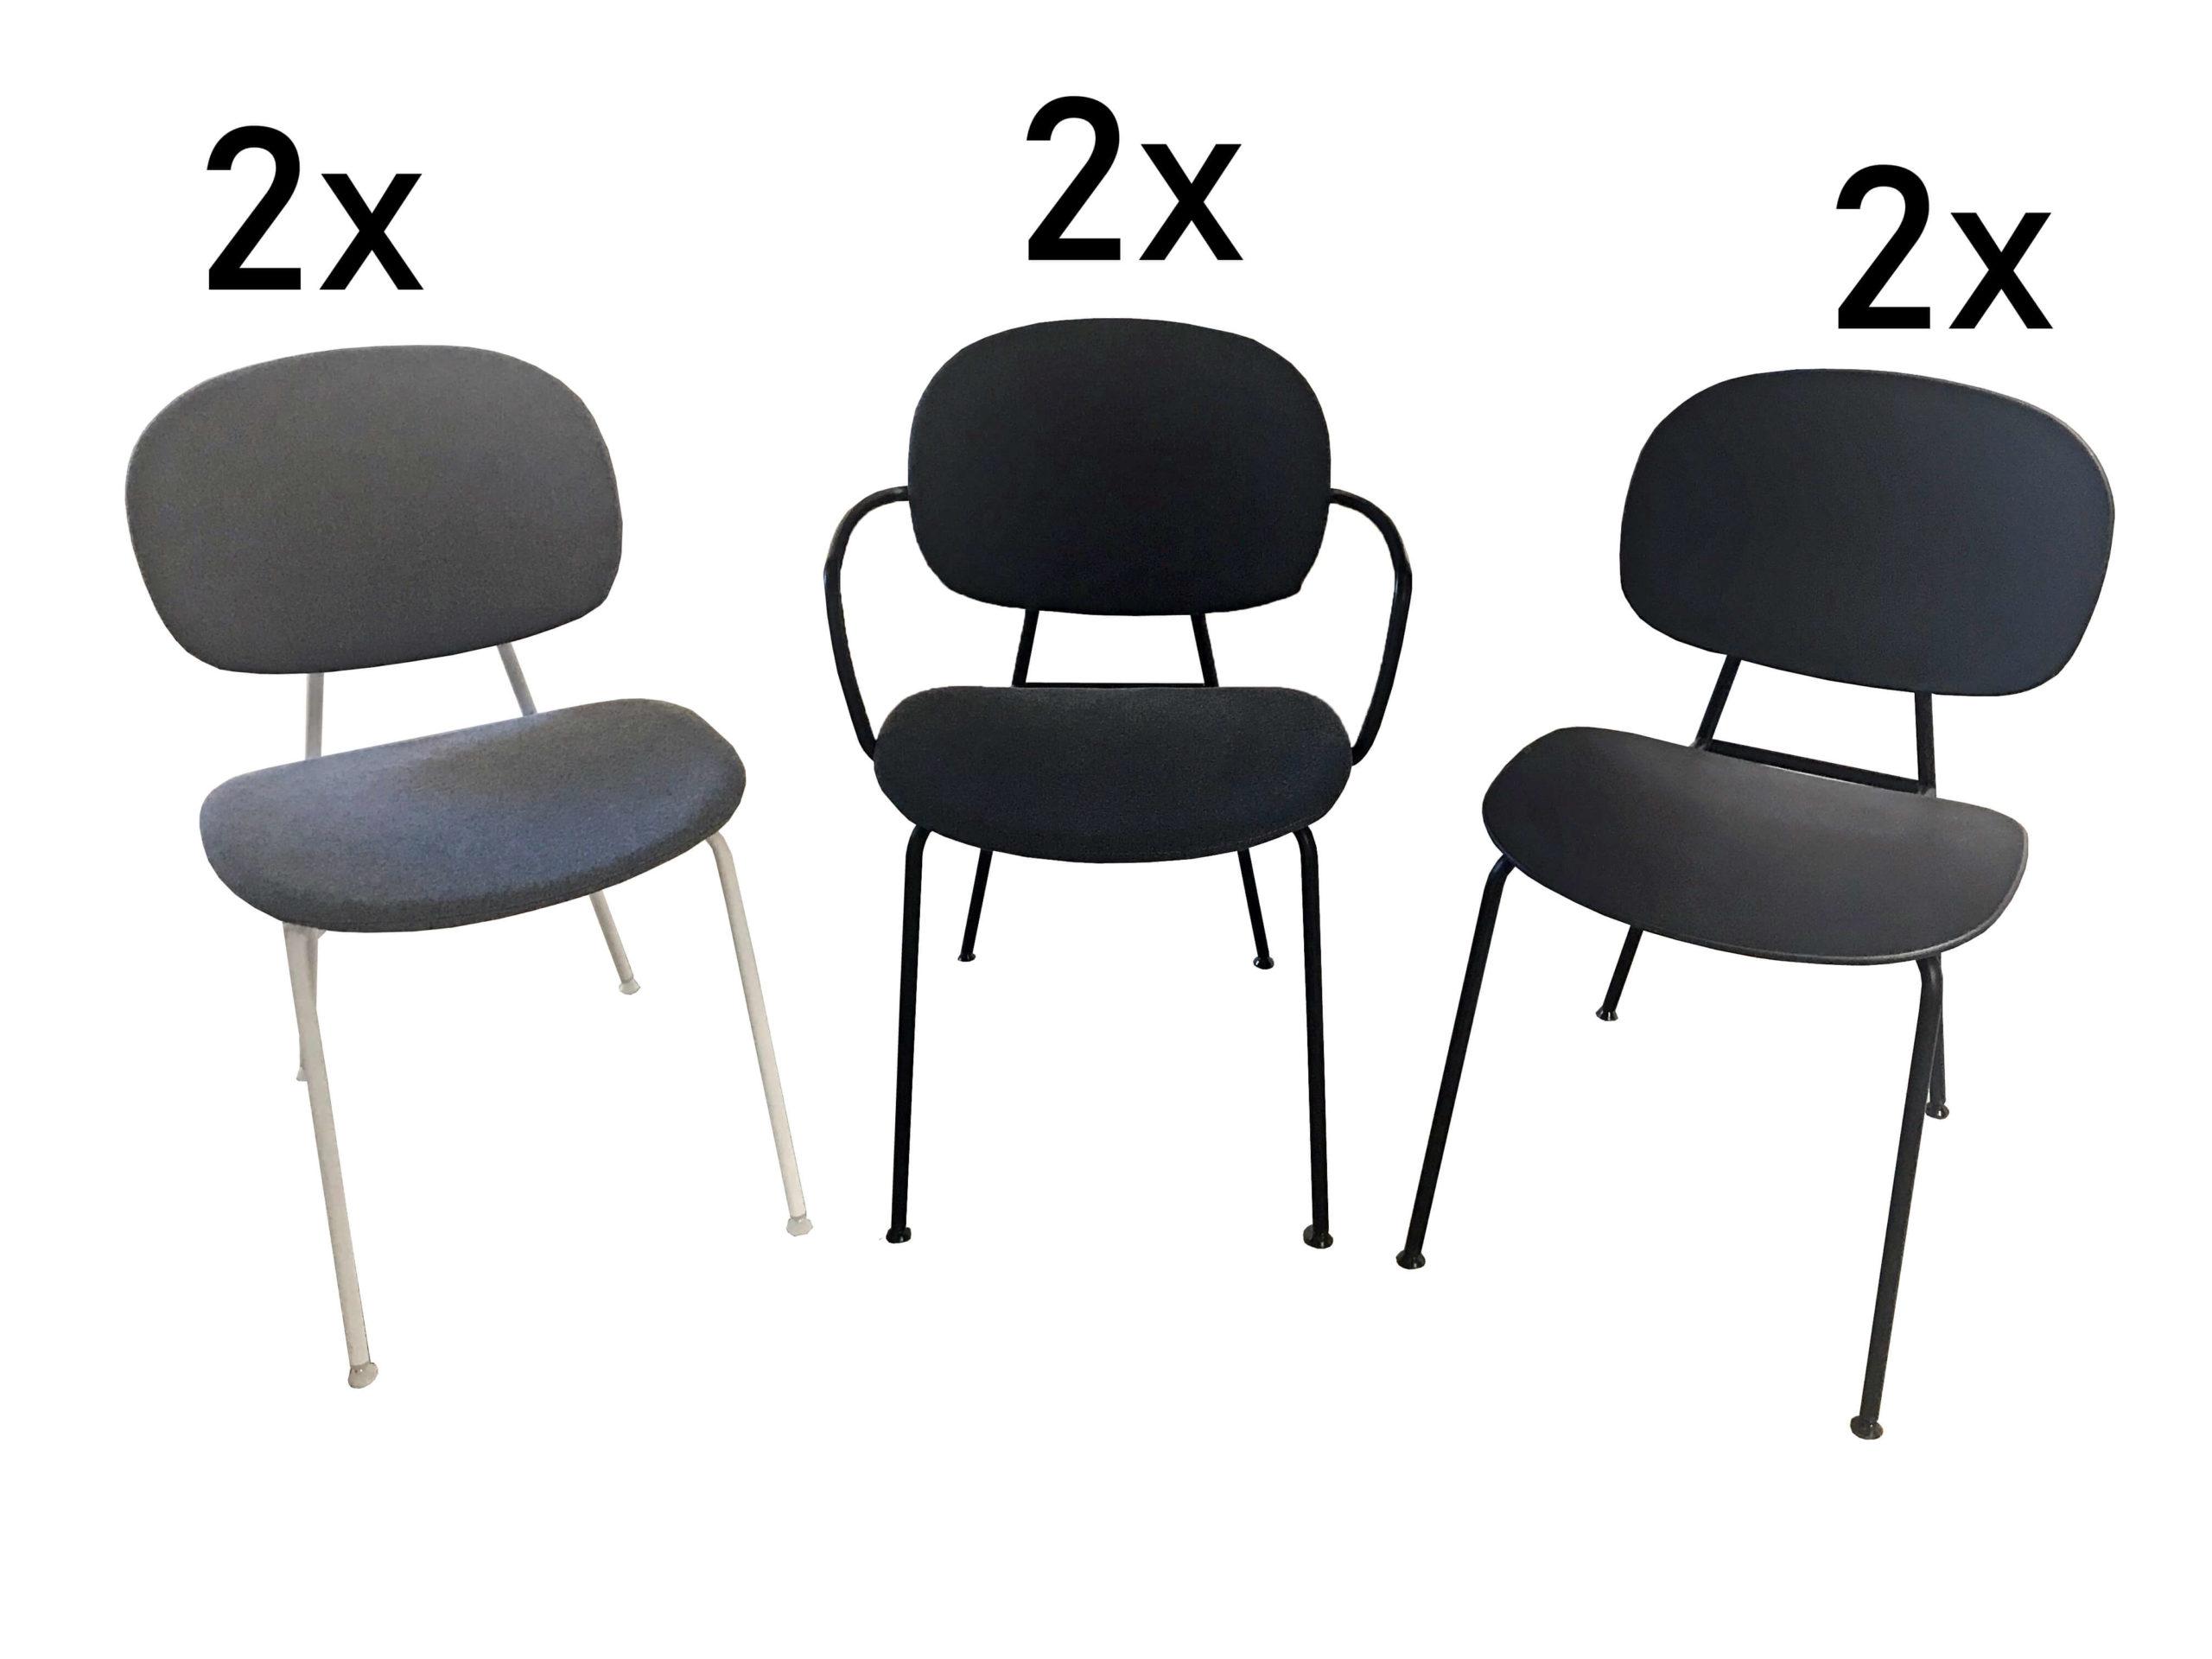 Stuhlset Raumfreunde Annika, moderne Stühle in grau und schwarz